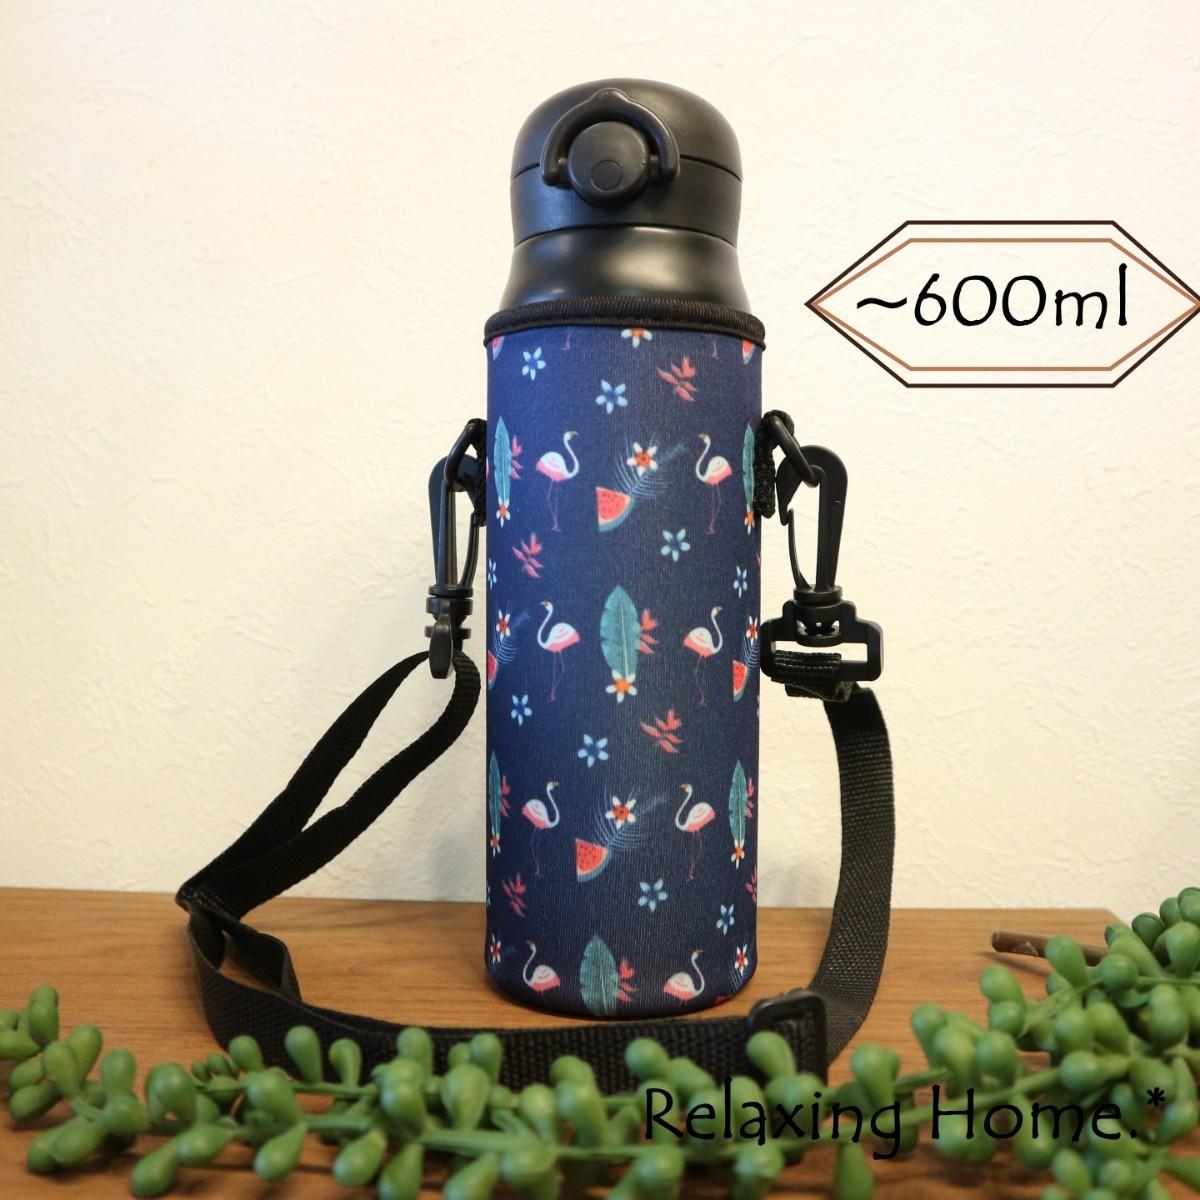 ★水筒カバー★~600ml ボトルカバー ショルダー 水筒ケース フラミンゴ☆